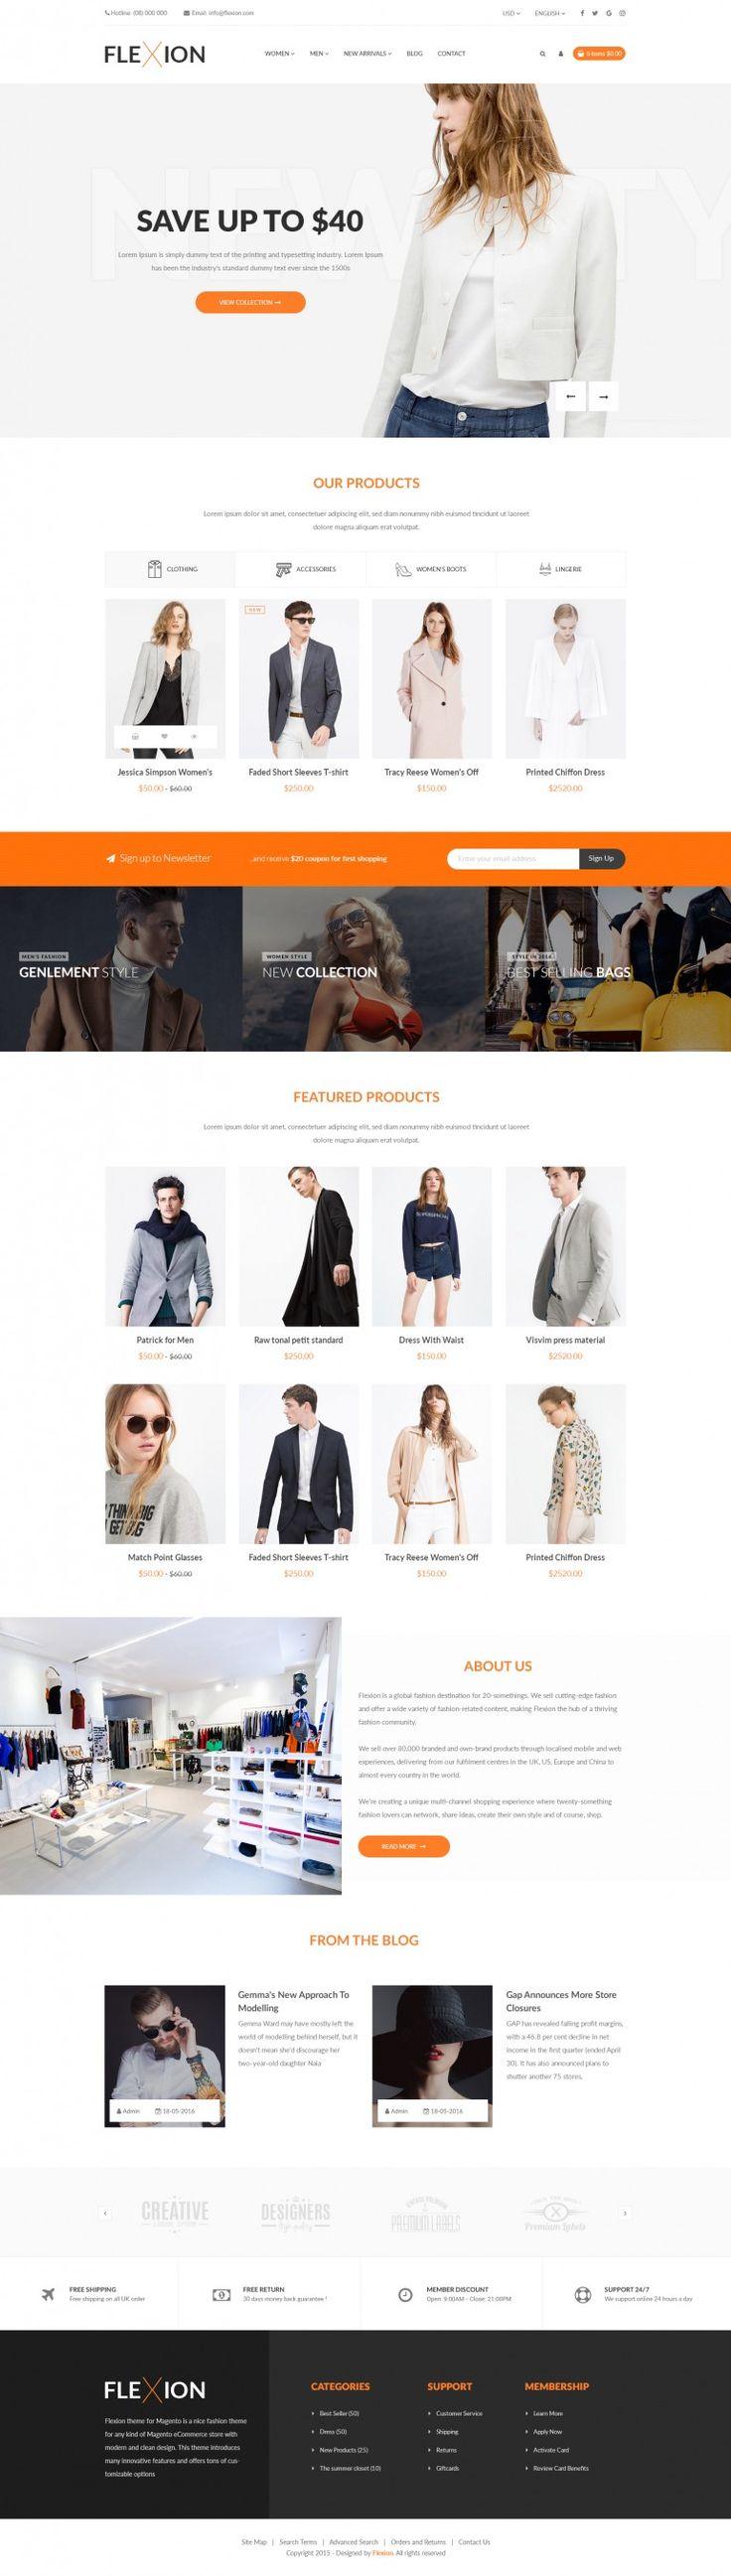 Flexion – Fashion E-Commerce Store